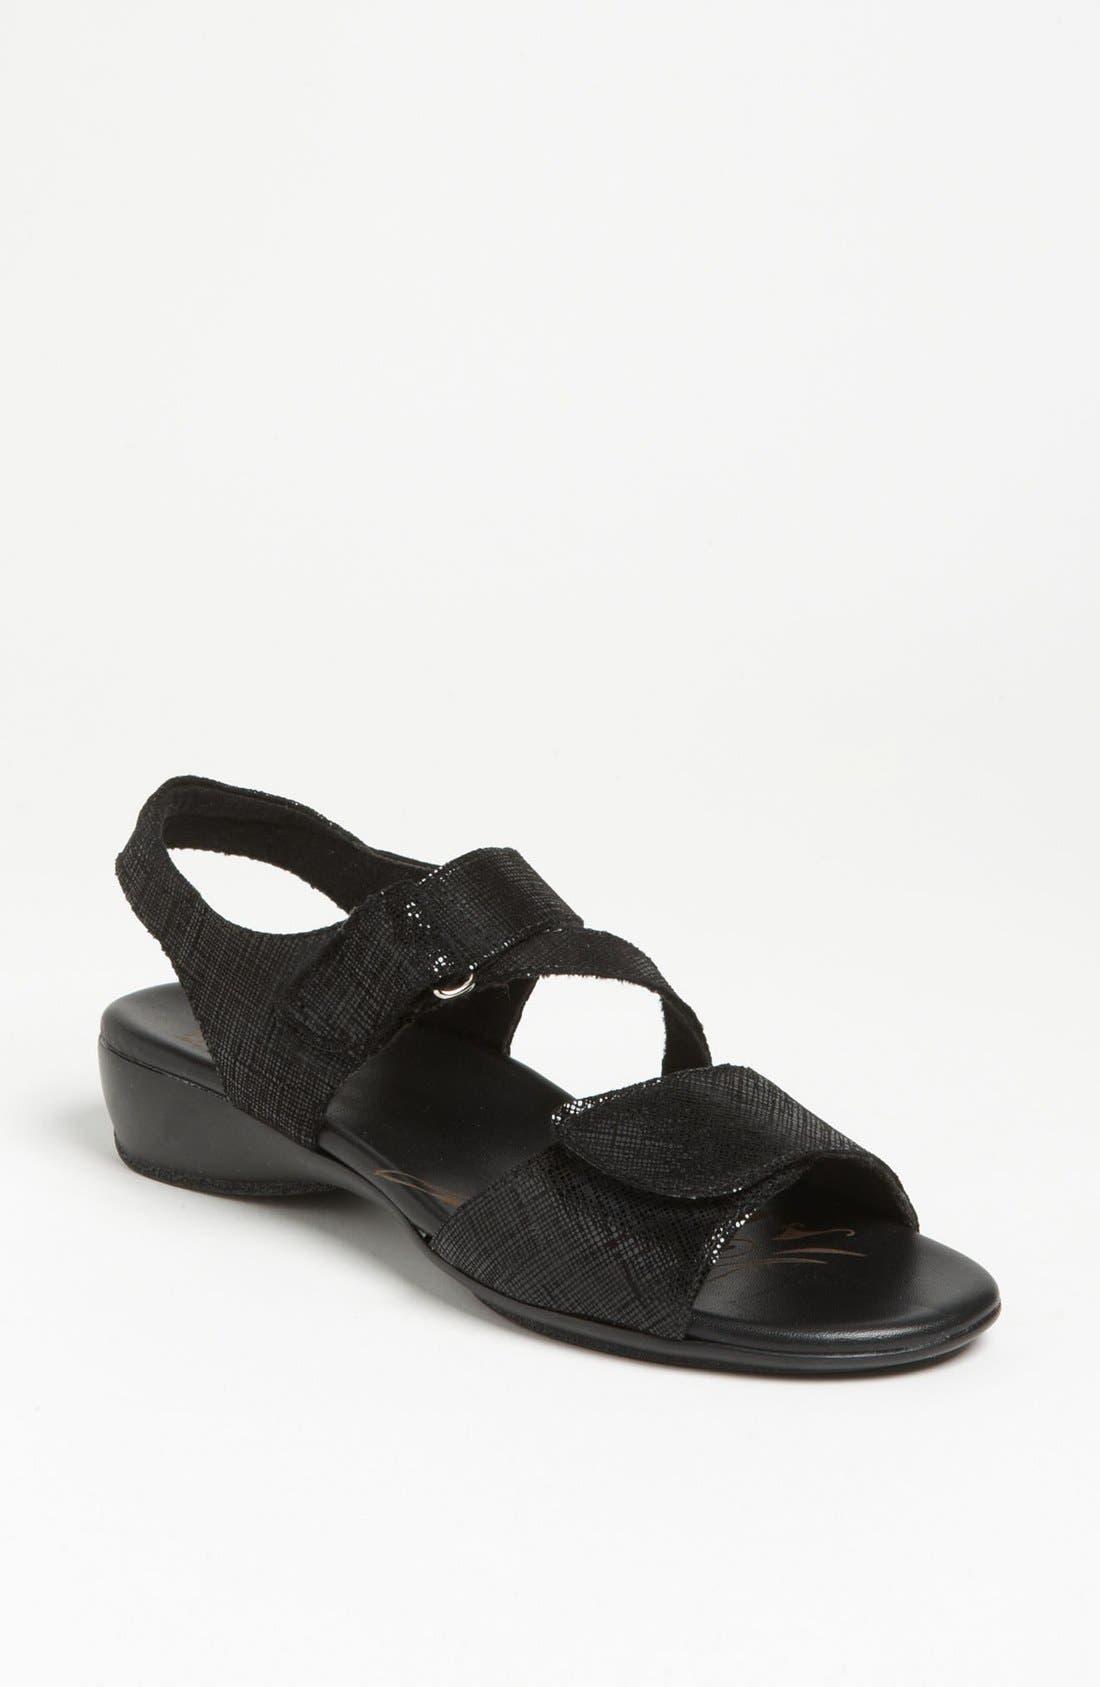 Main Image - Munro 'Brenna' Sandal